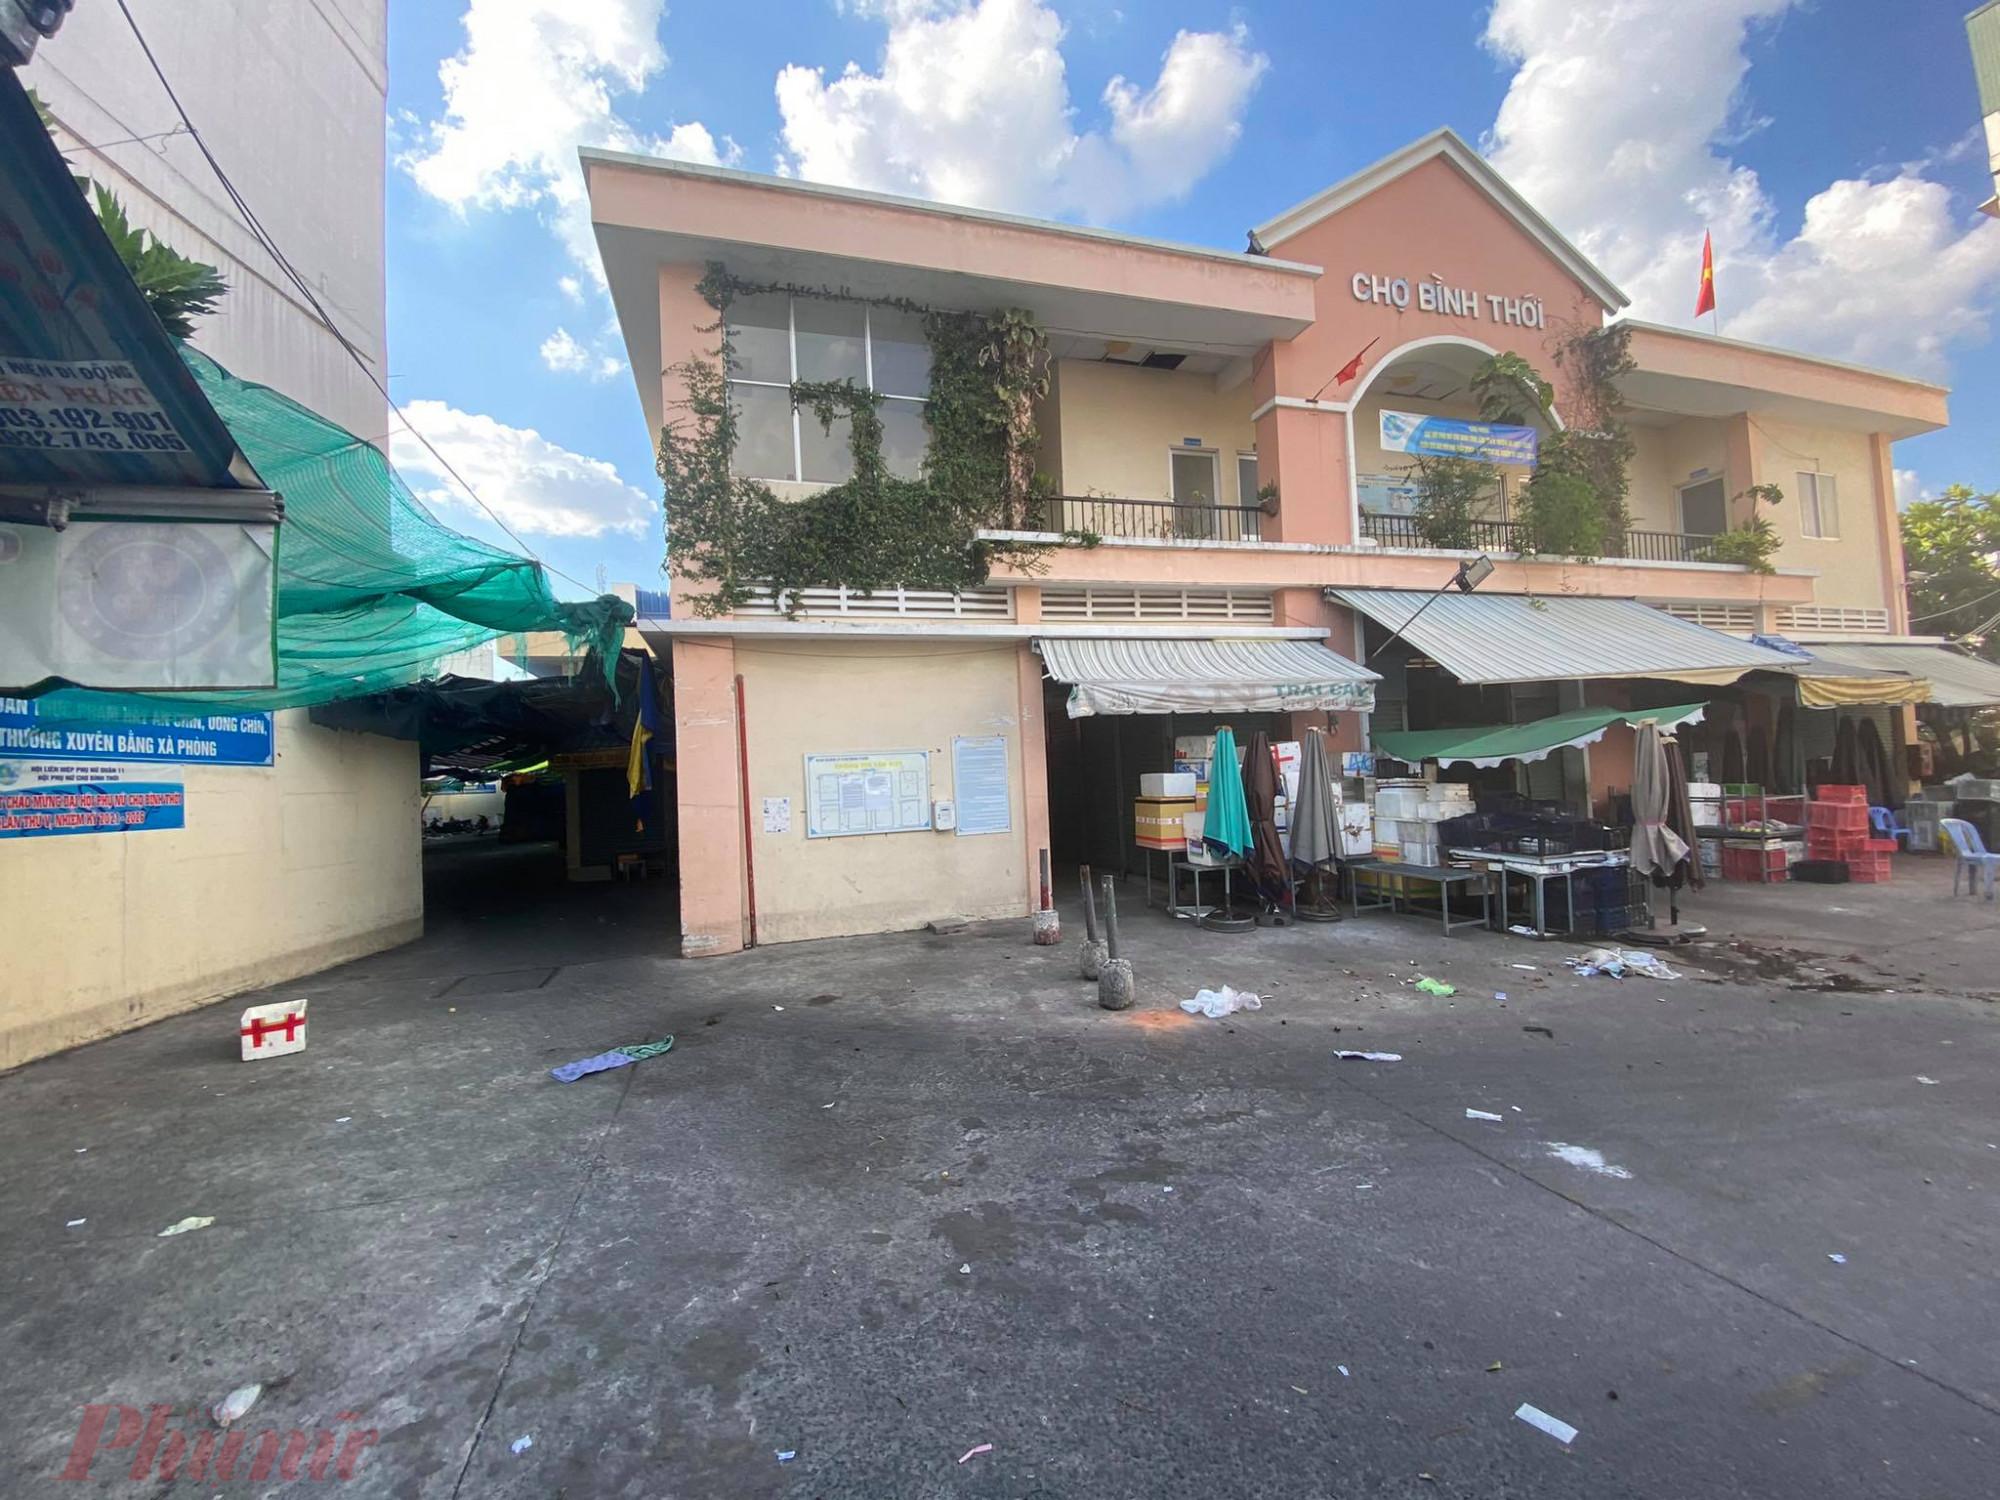 Chợ Bình Thới đã đóng cửa vì có liên quan đến ca mắc COVID-19